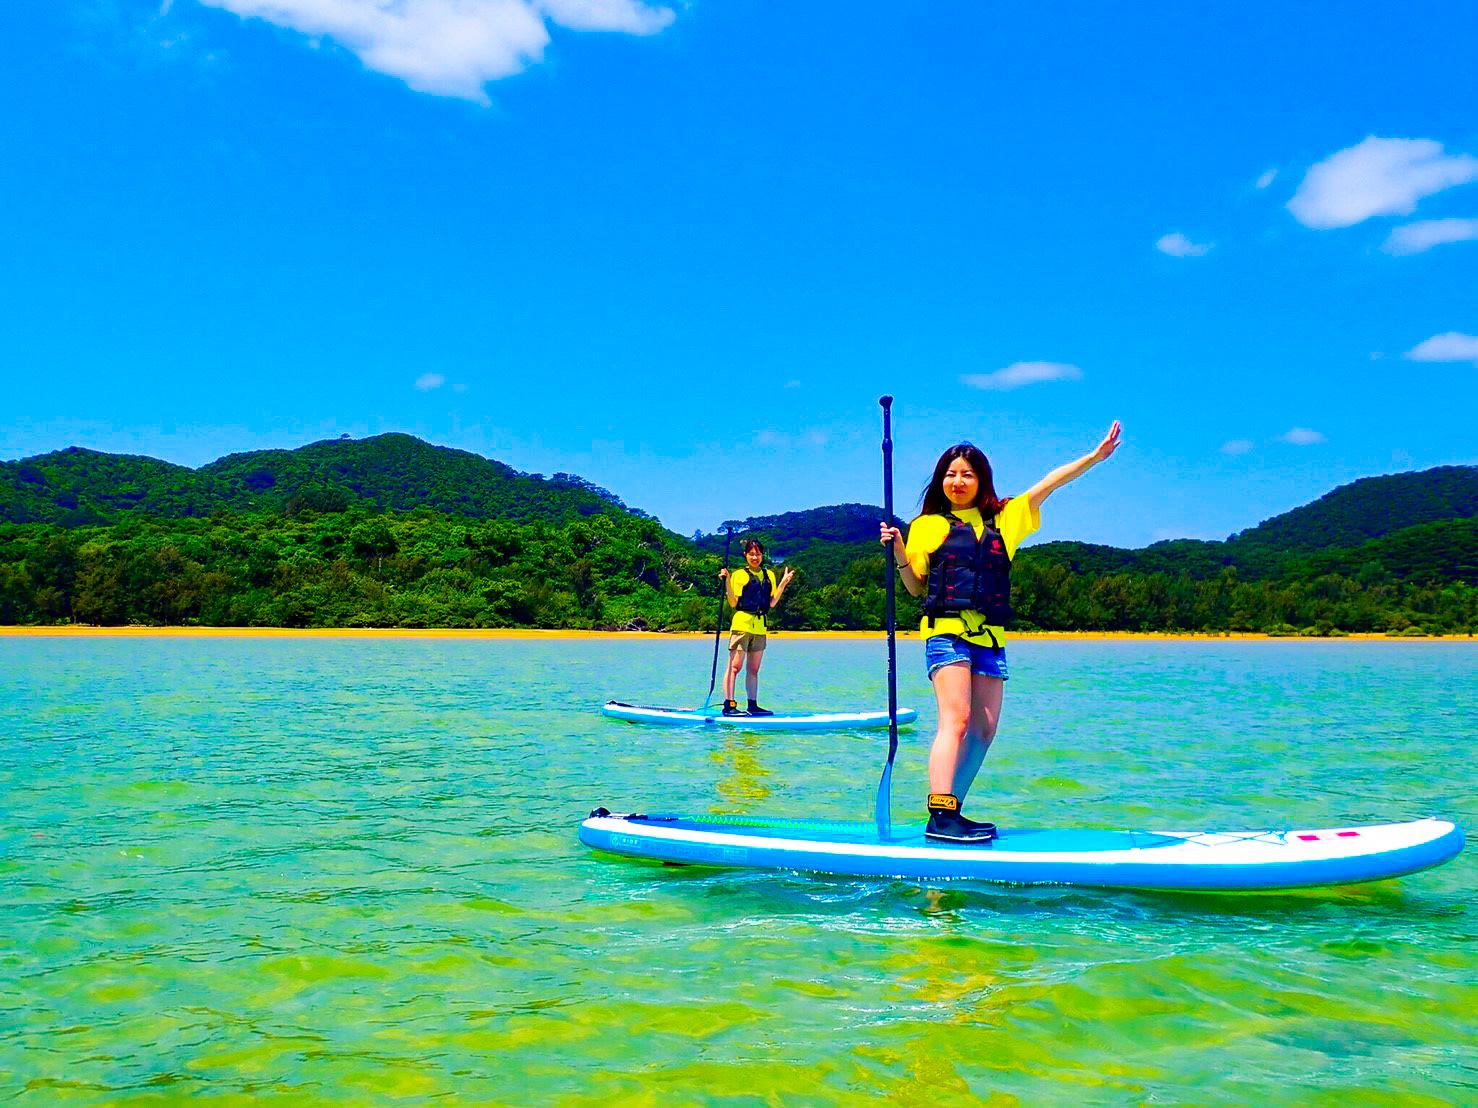 川平湾でSUPを楽しむ女性